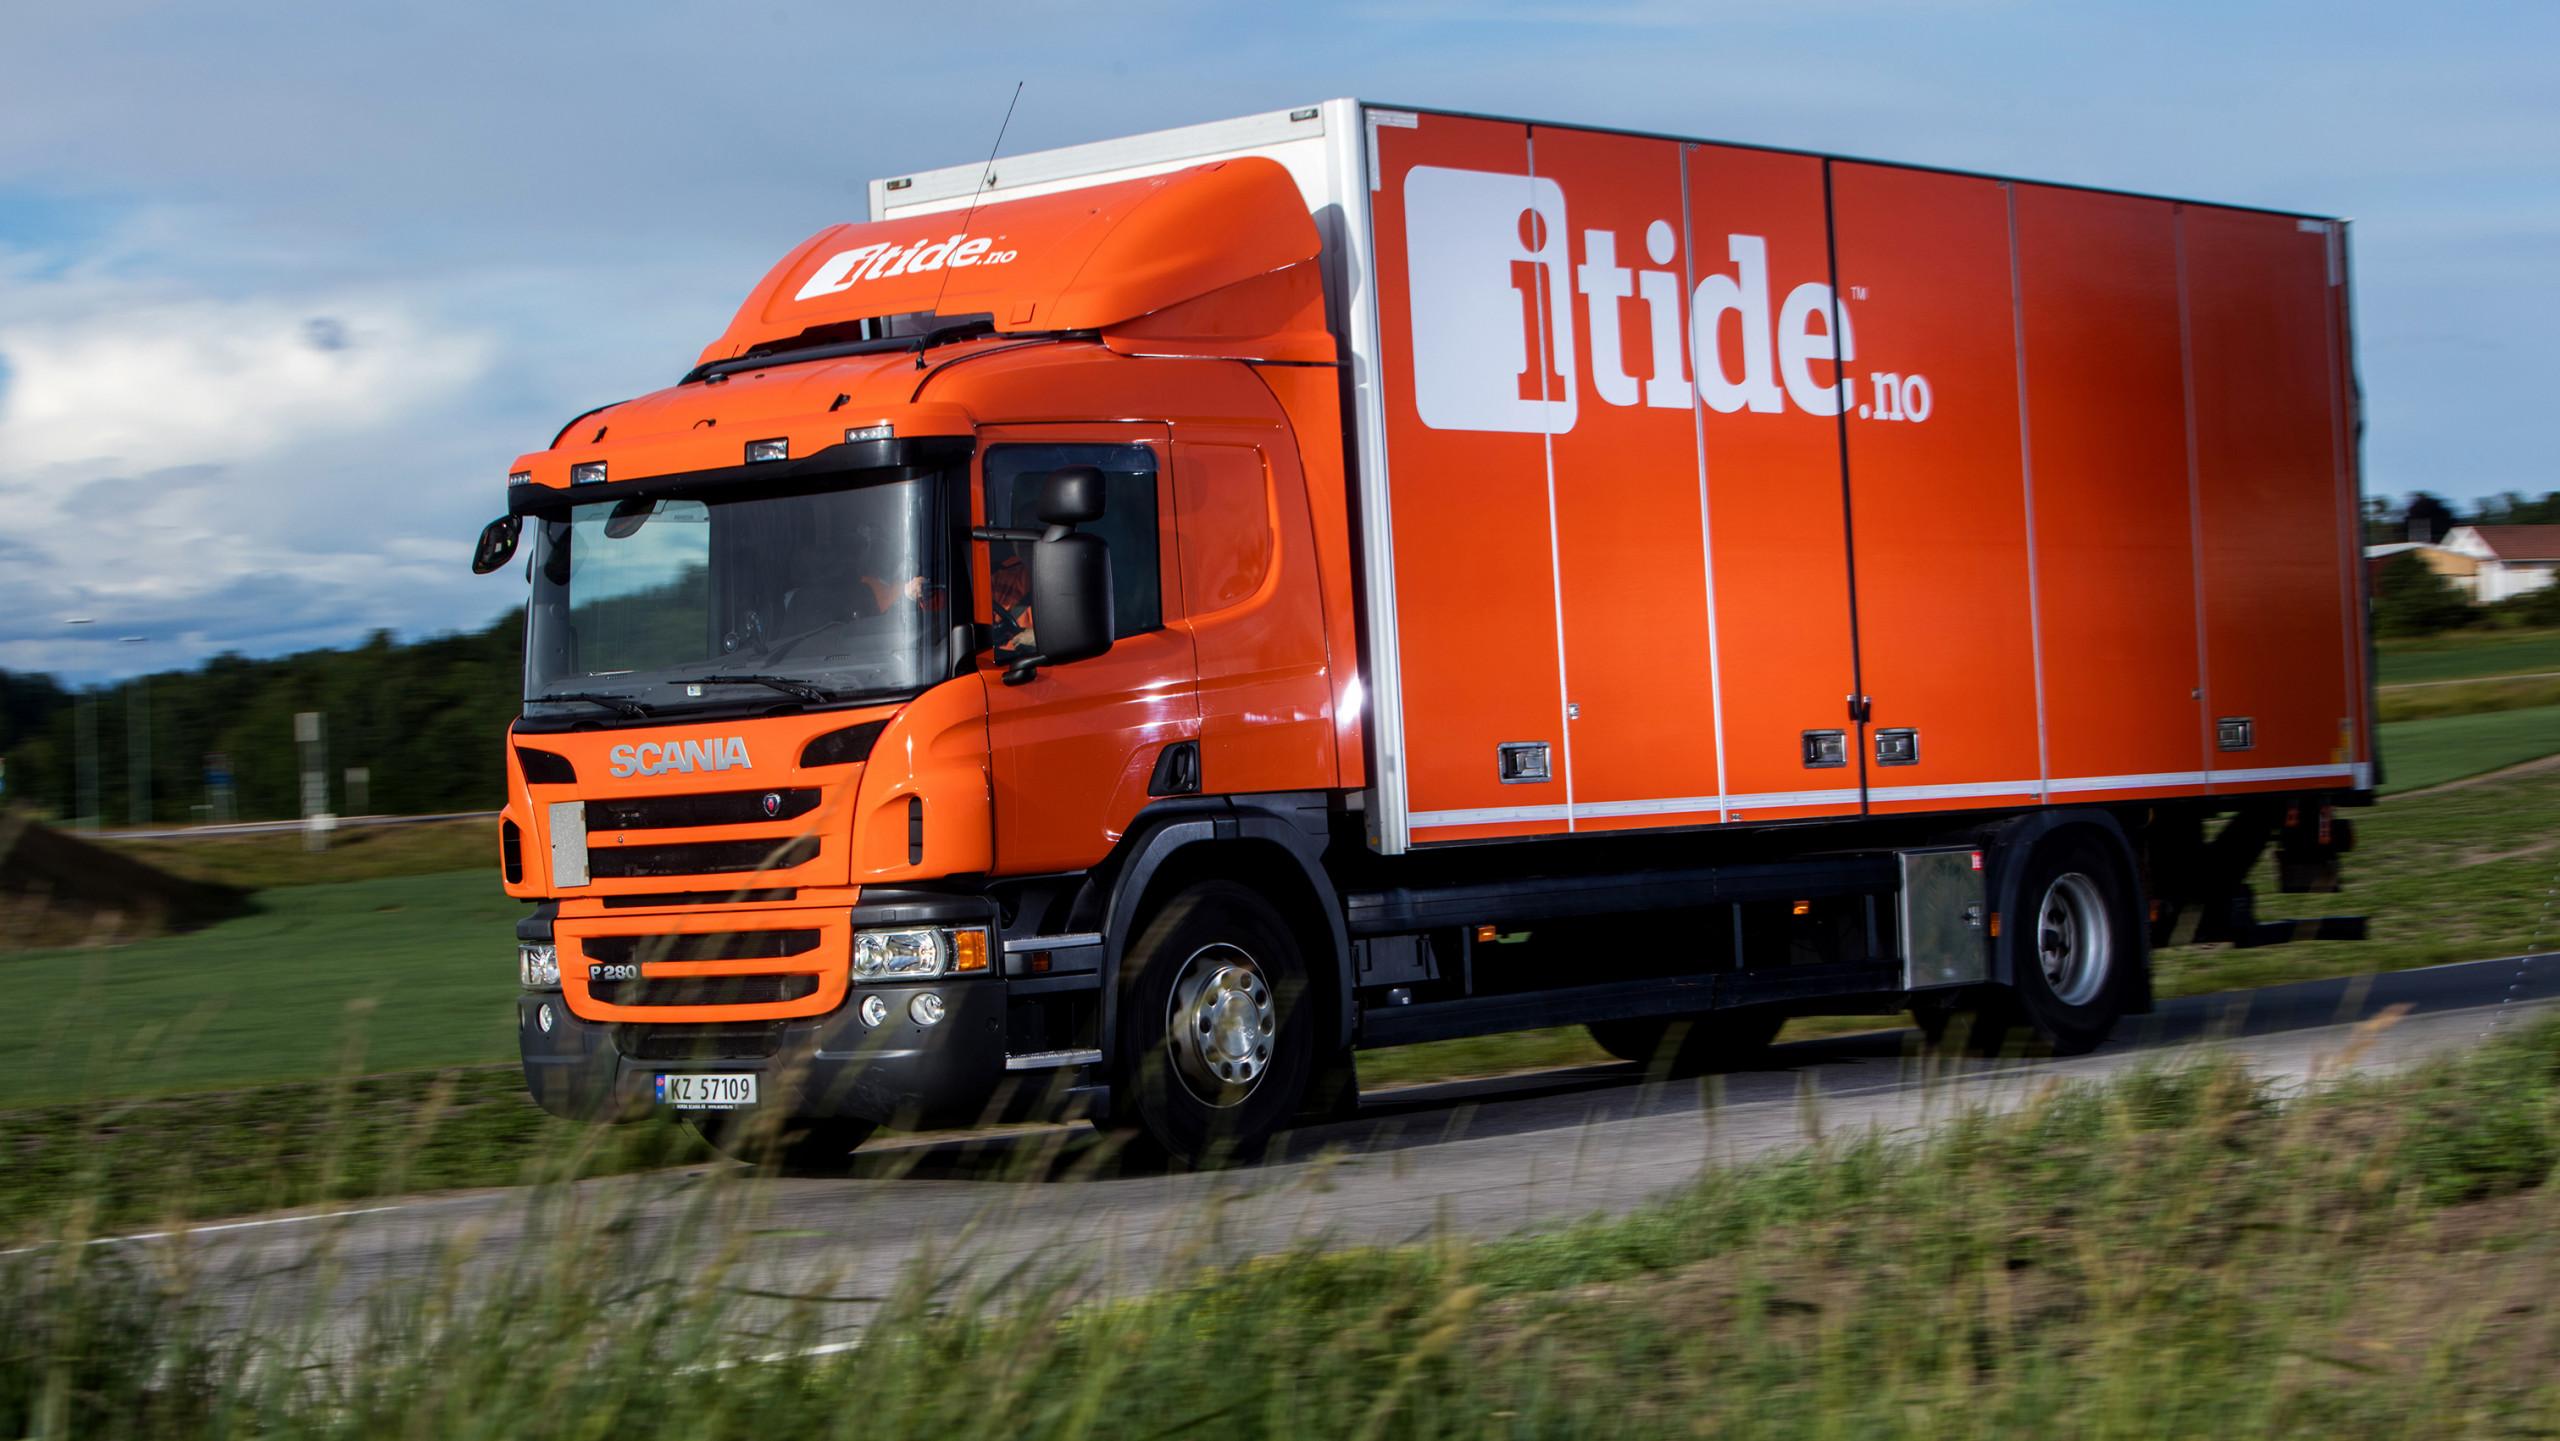 Lastebil i tjeneste, ute på oppdrag.